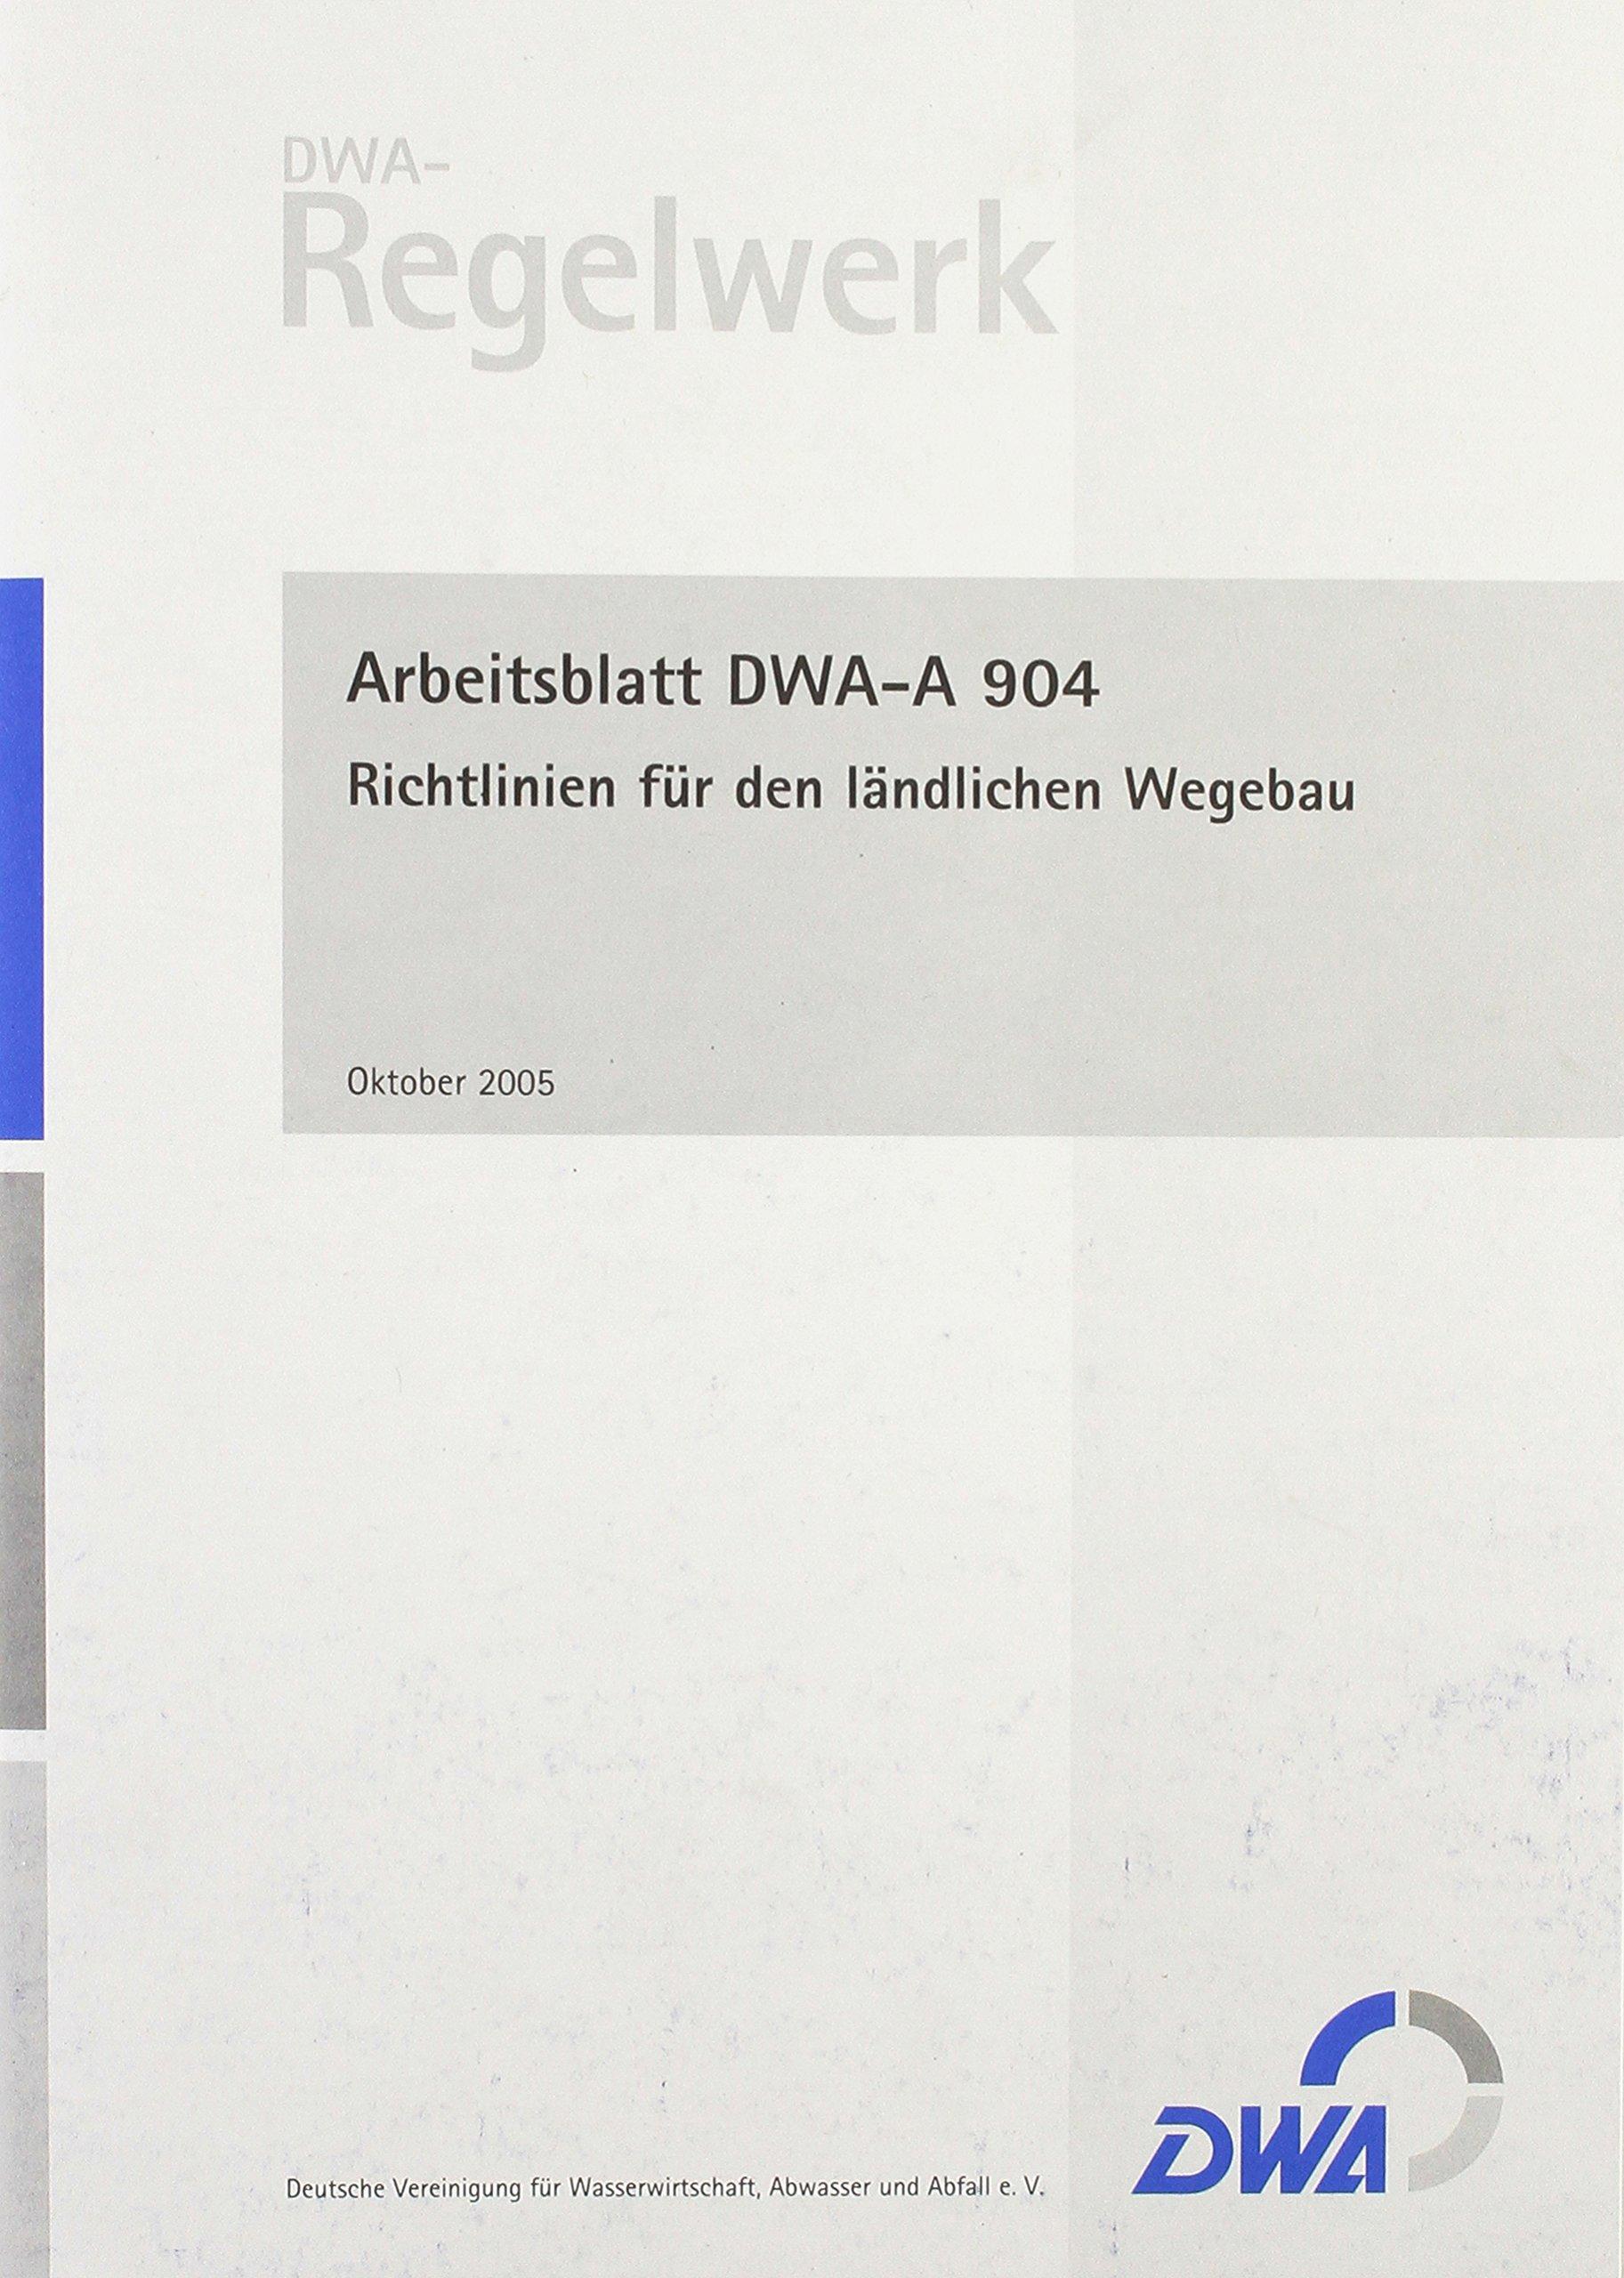 Gemütlich Nachwachsende Rohstoffe Arbeitsblatt Bilder - Super Lehrer ...